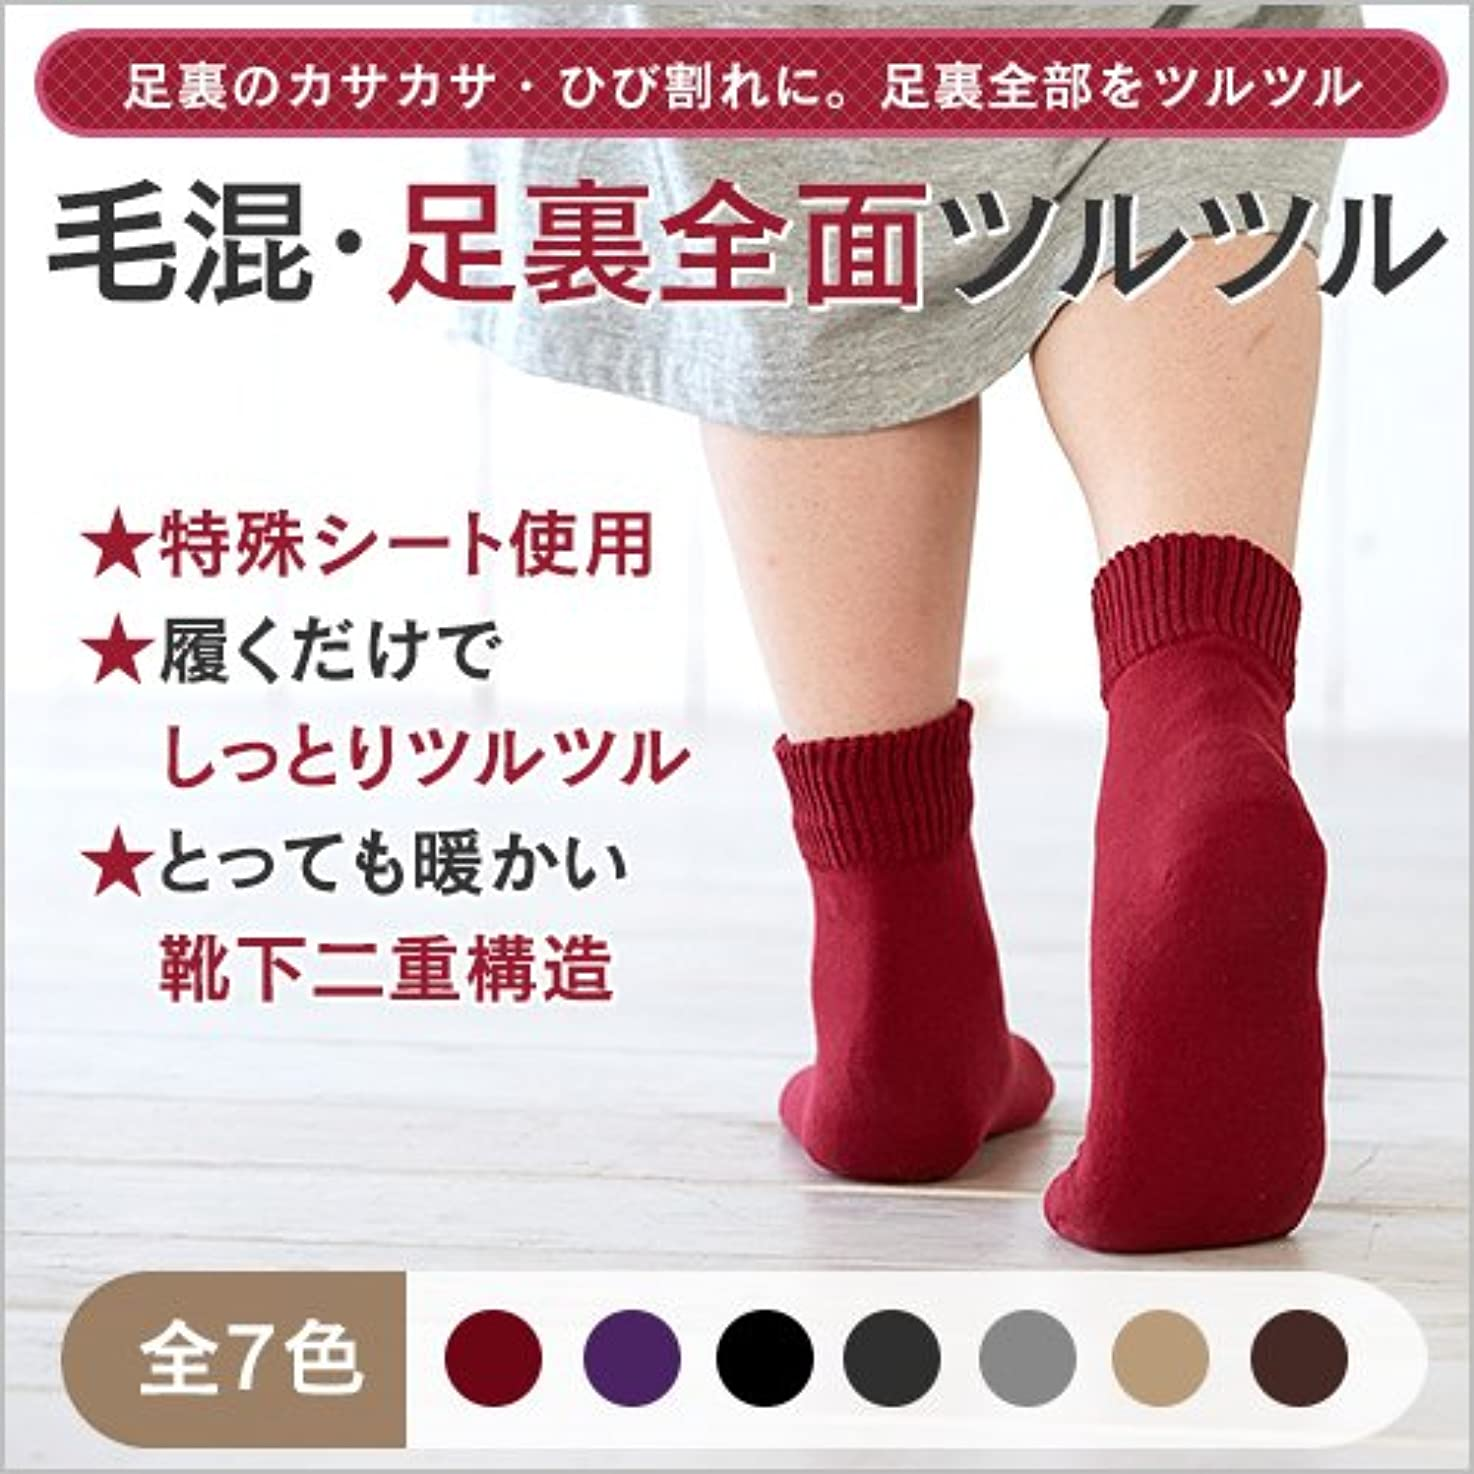 ふりをする性交セットアップ足裏 全面 ツルツル 靴下 ブラック 23-25cm 太陽ニット 720 足 角質ケア ひび割れ対策